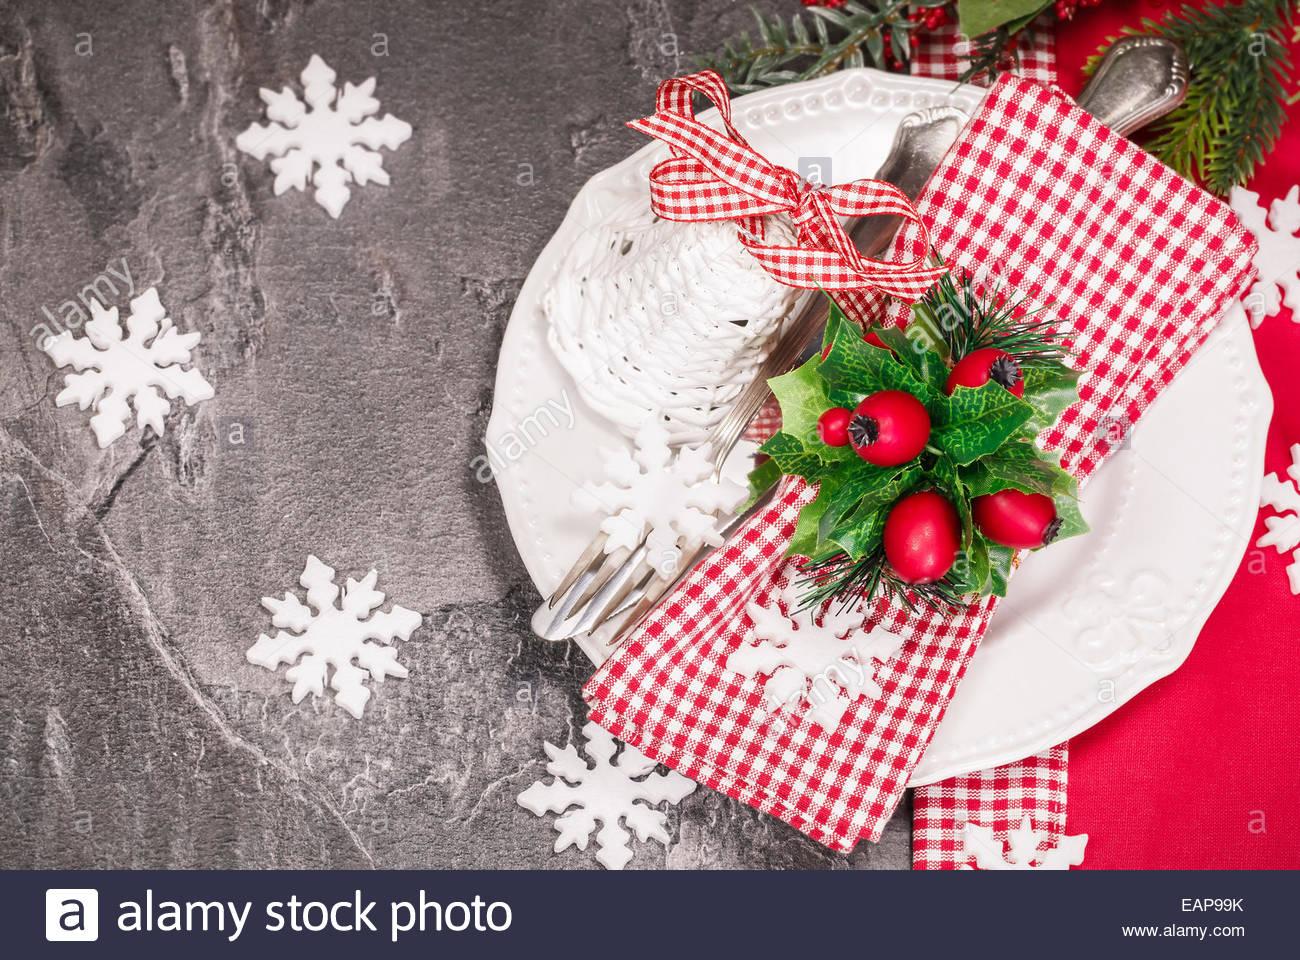 Tolle Weihnachtsschmuck Für Küchentisch Galerie - Ideen Für Die ...